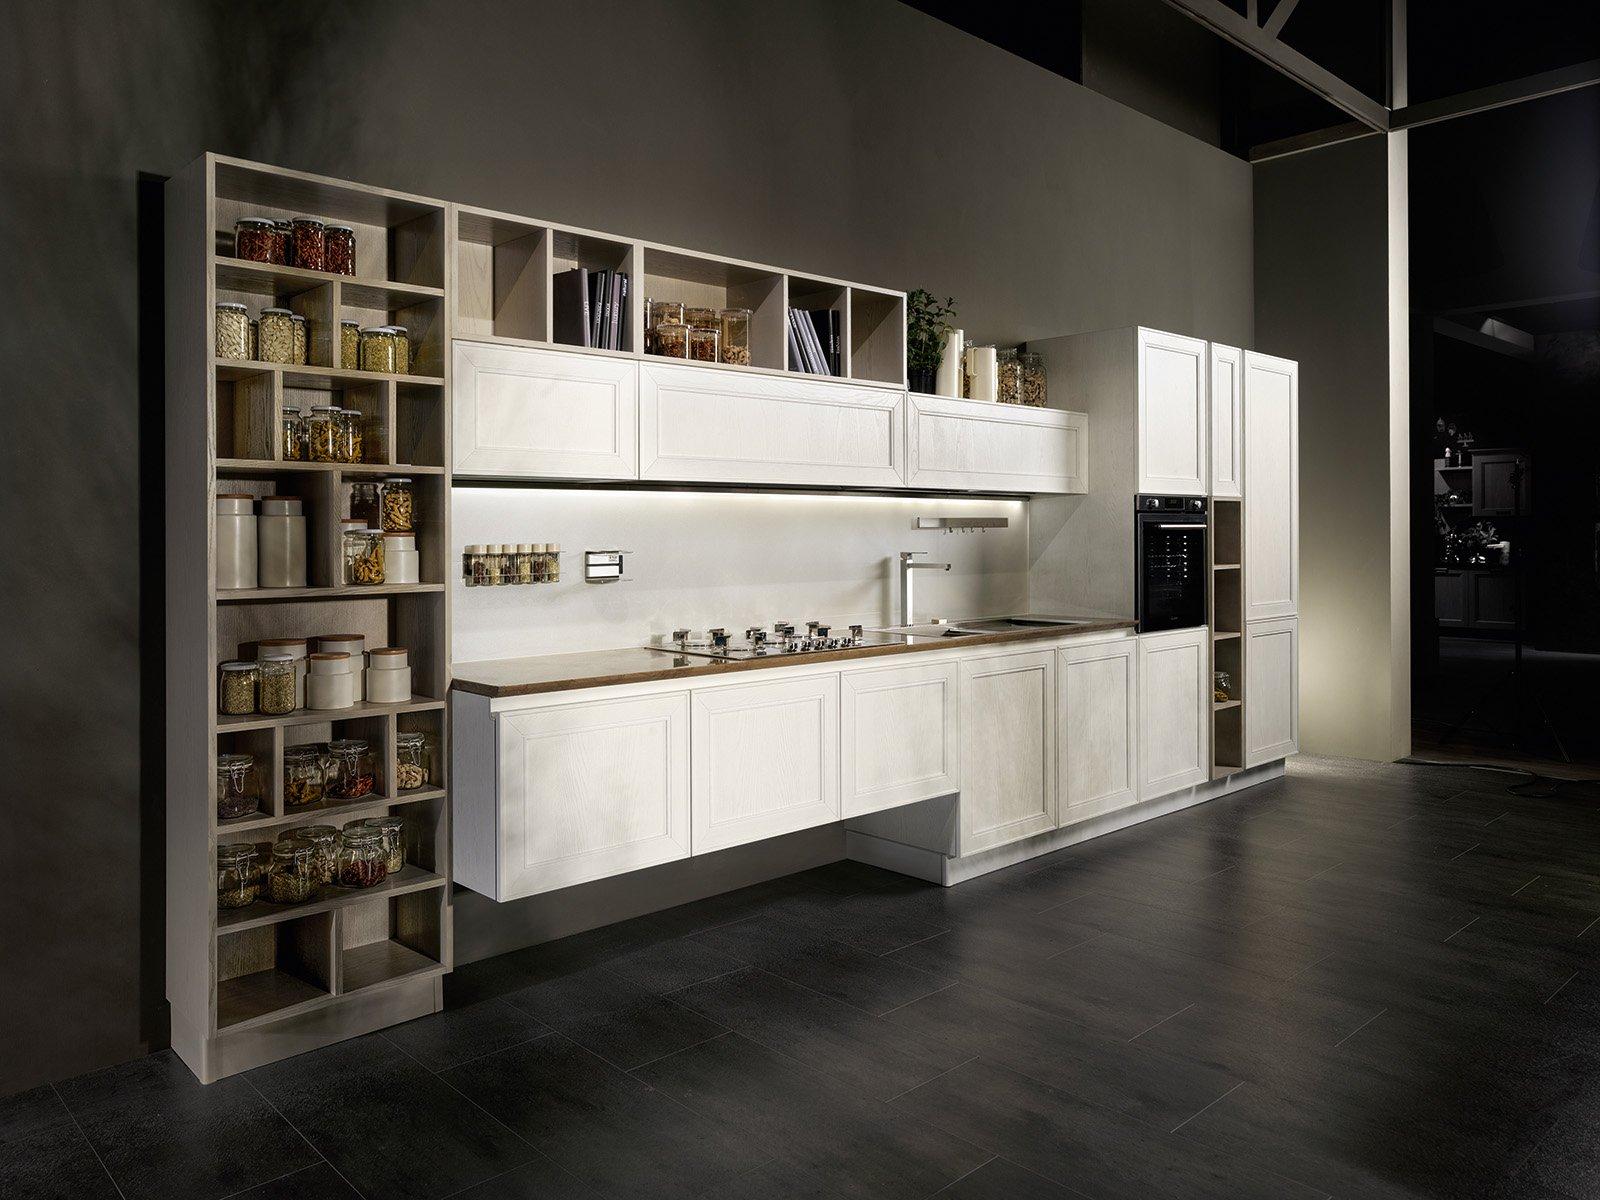 Casabook immobiliare in cucina i vani a giorno fanno tendenza - Scaffale per cucina ...